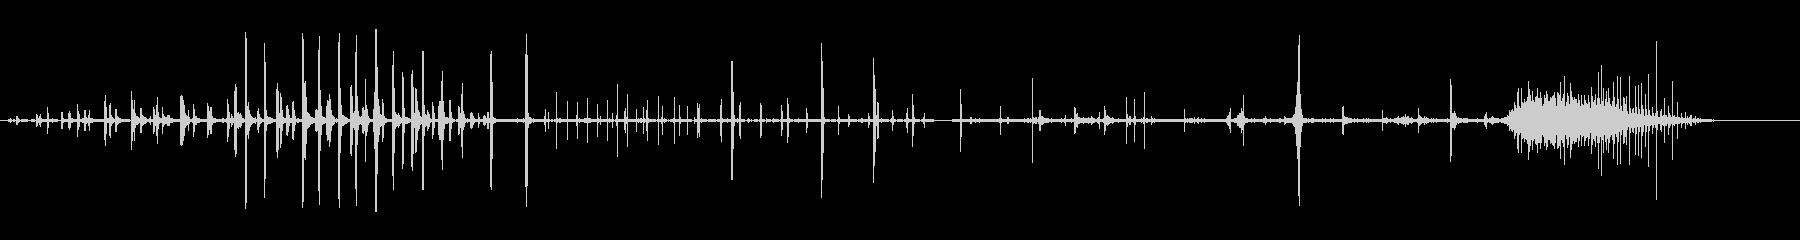 オオバンの未再生の波形